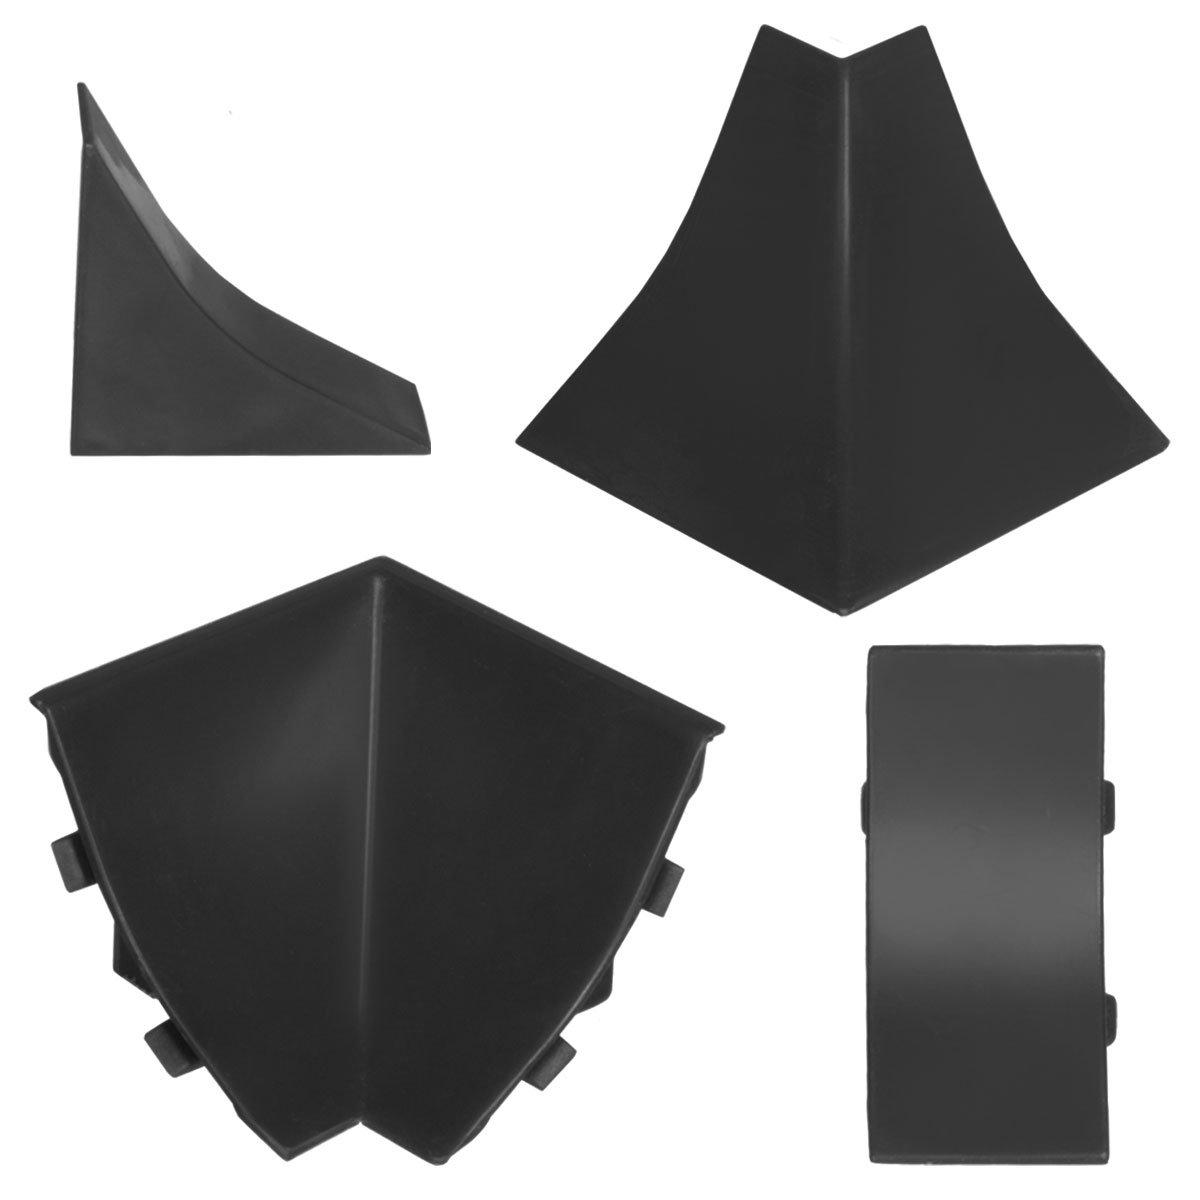 HOLZBRINK Au/ßenecke passend zum Dekor Ihrer Abschlussleisten Vollaluminium Au/ßenkante PVC K/üchenabschlussleiste 23x23 mm